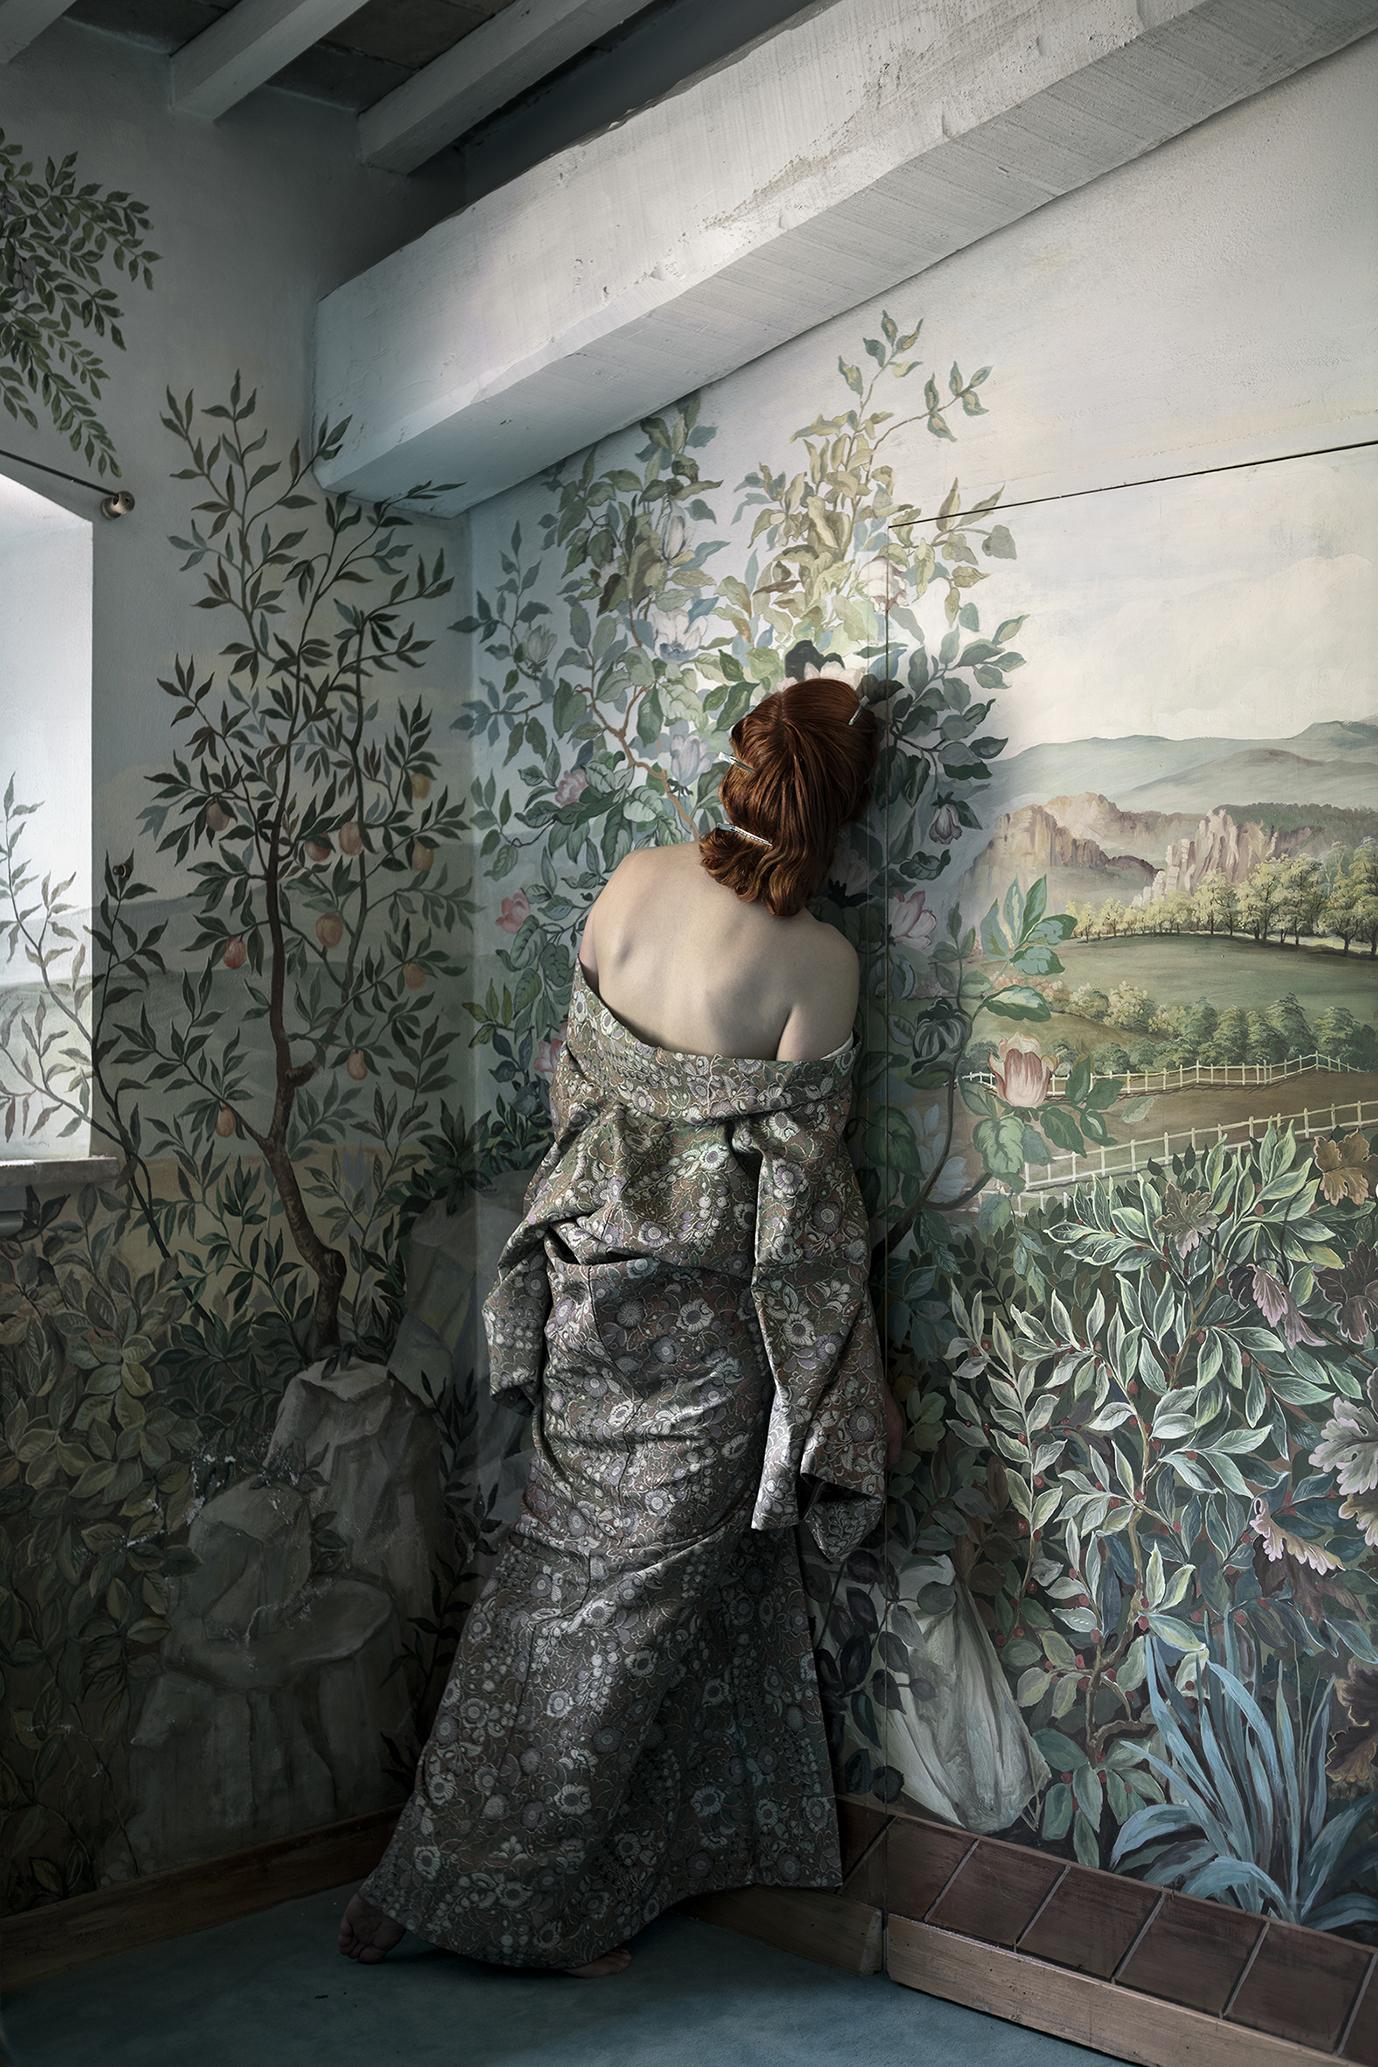 The Flower Room © Anja Niemi _ The Little Black Gallery.jpg